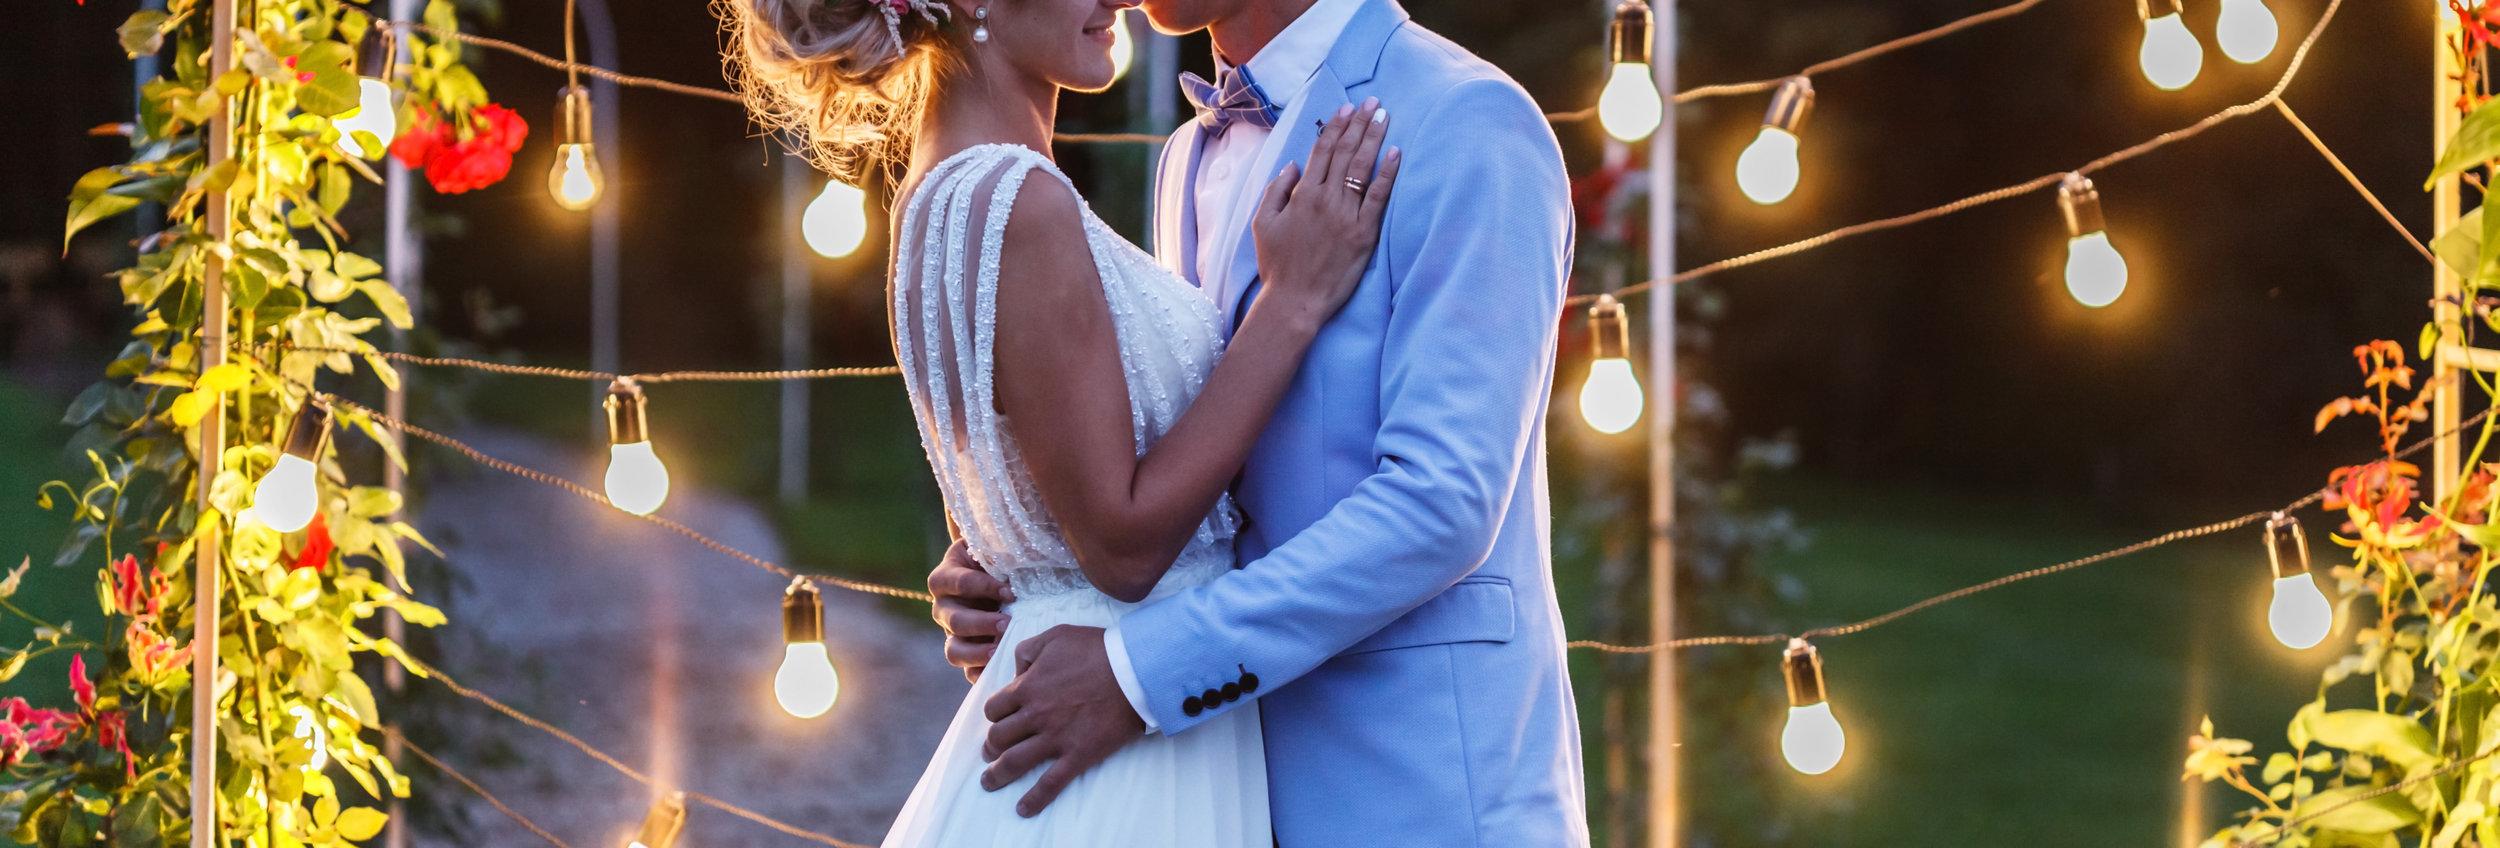 Wedding Dress 9% - Pronovias